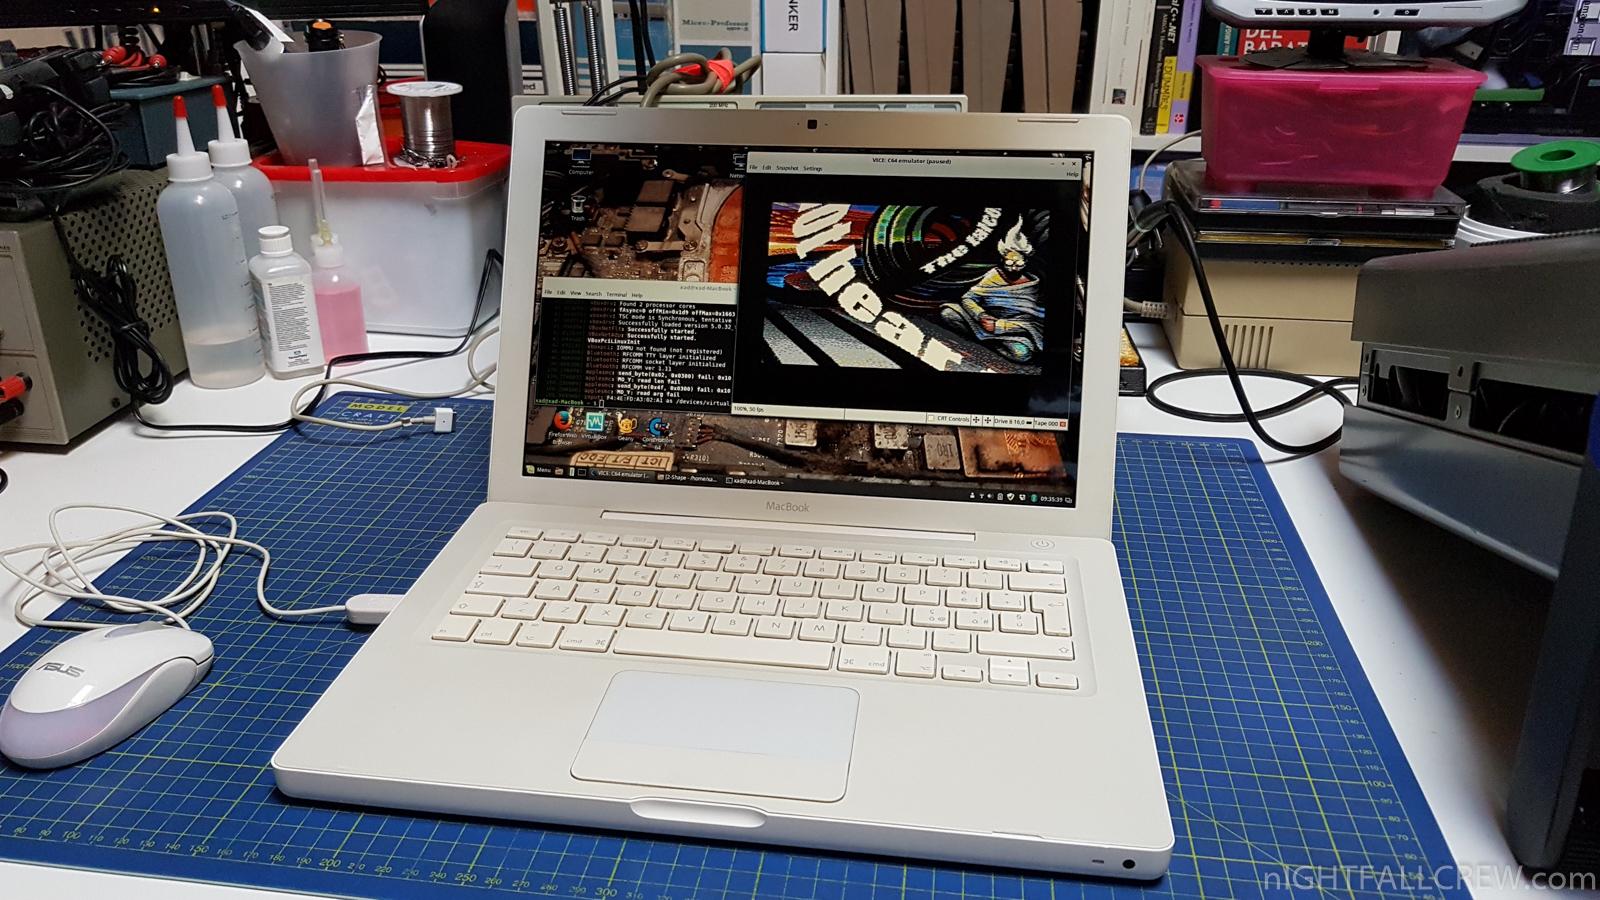 Apple MacBook – Pulizia & Sostituzione Pasta Termica / Linux